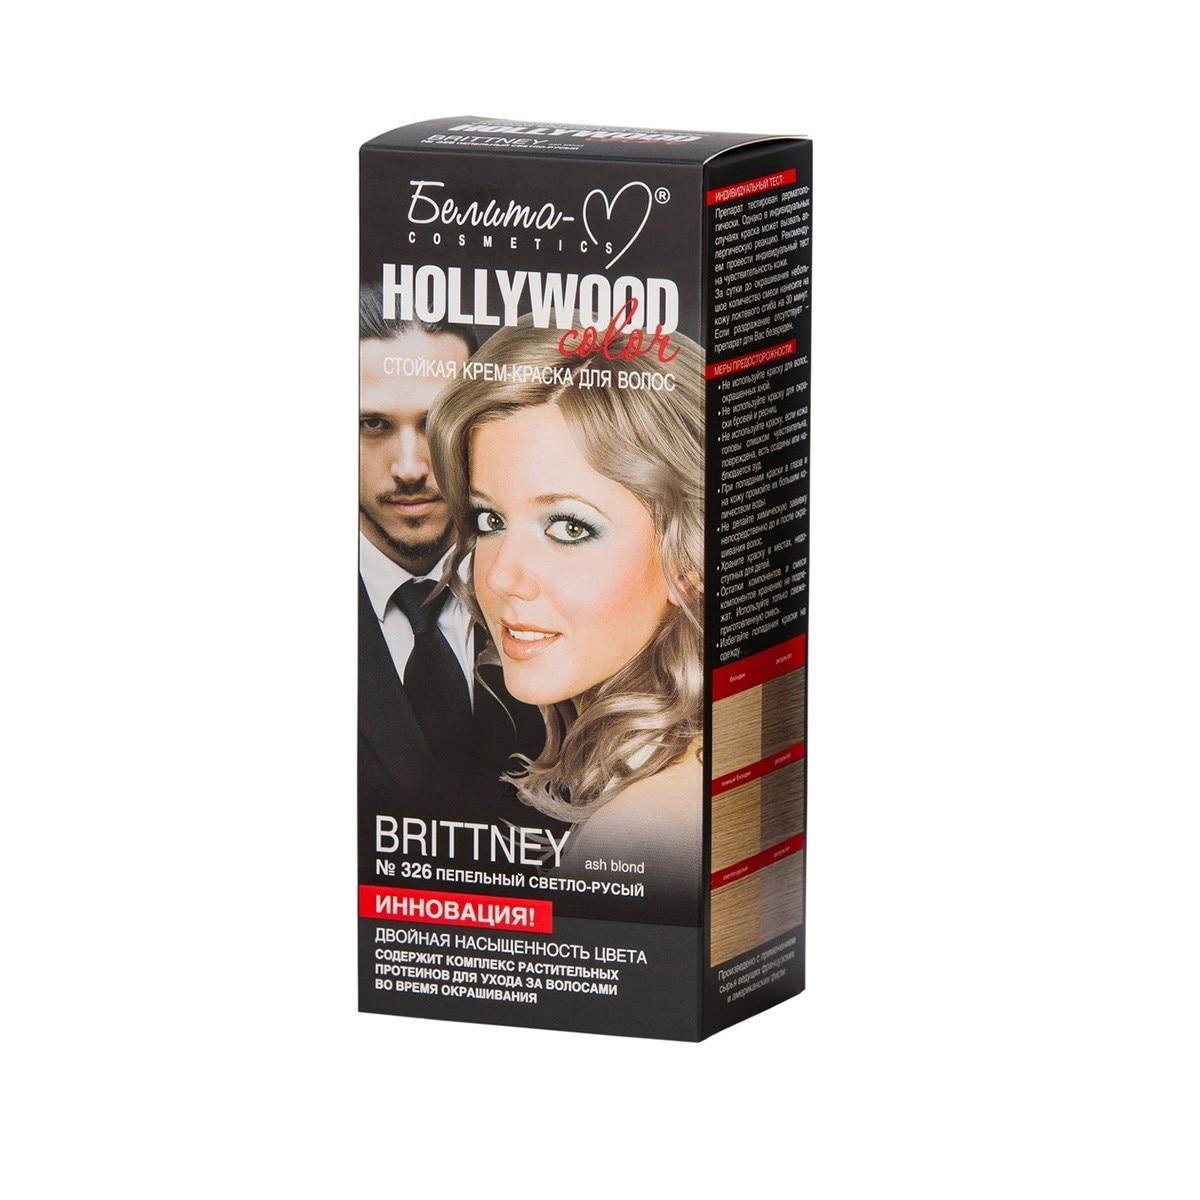 Hollywood color persistente crema tinte de pelo permanente tinte para el cabello Color crema de belleza chicas colores de pelo tinte de pelo color crema pintura Pelo Largo estilo